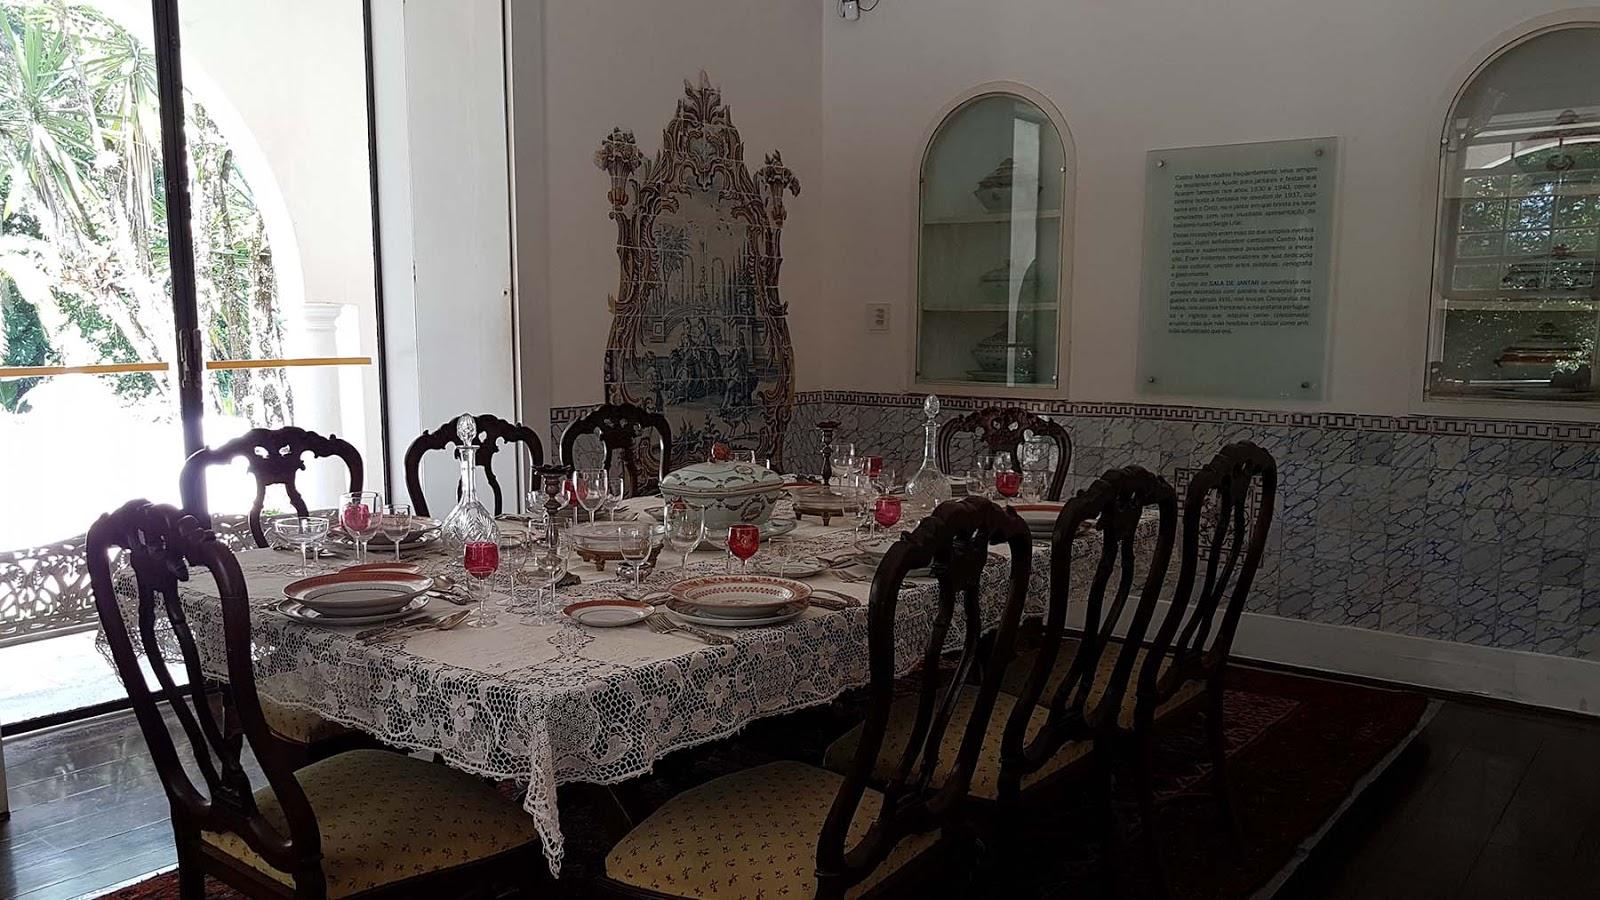 Sala de jantar do Museu do Açude no Rio de Janeiro.